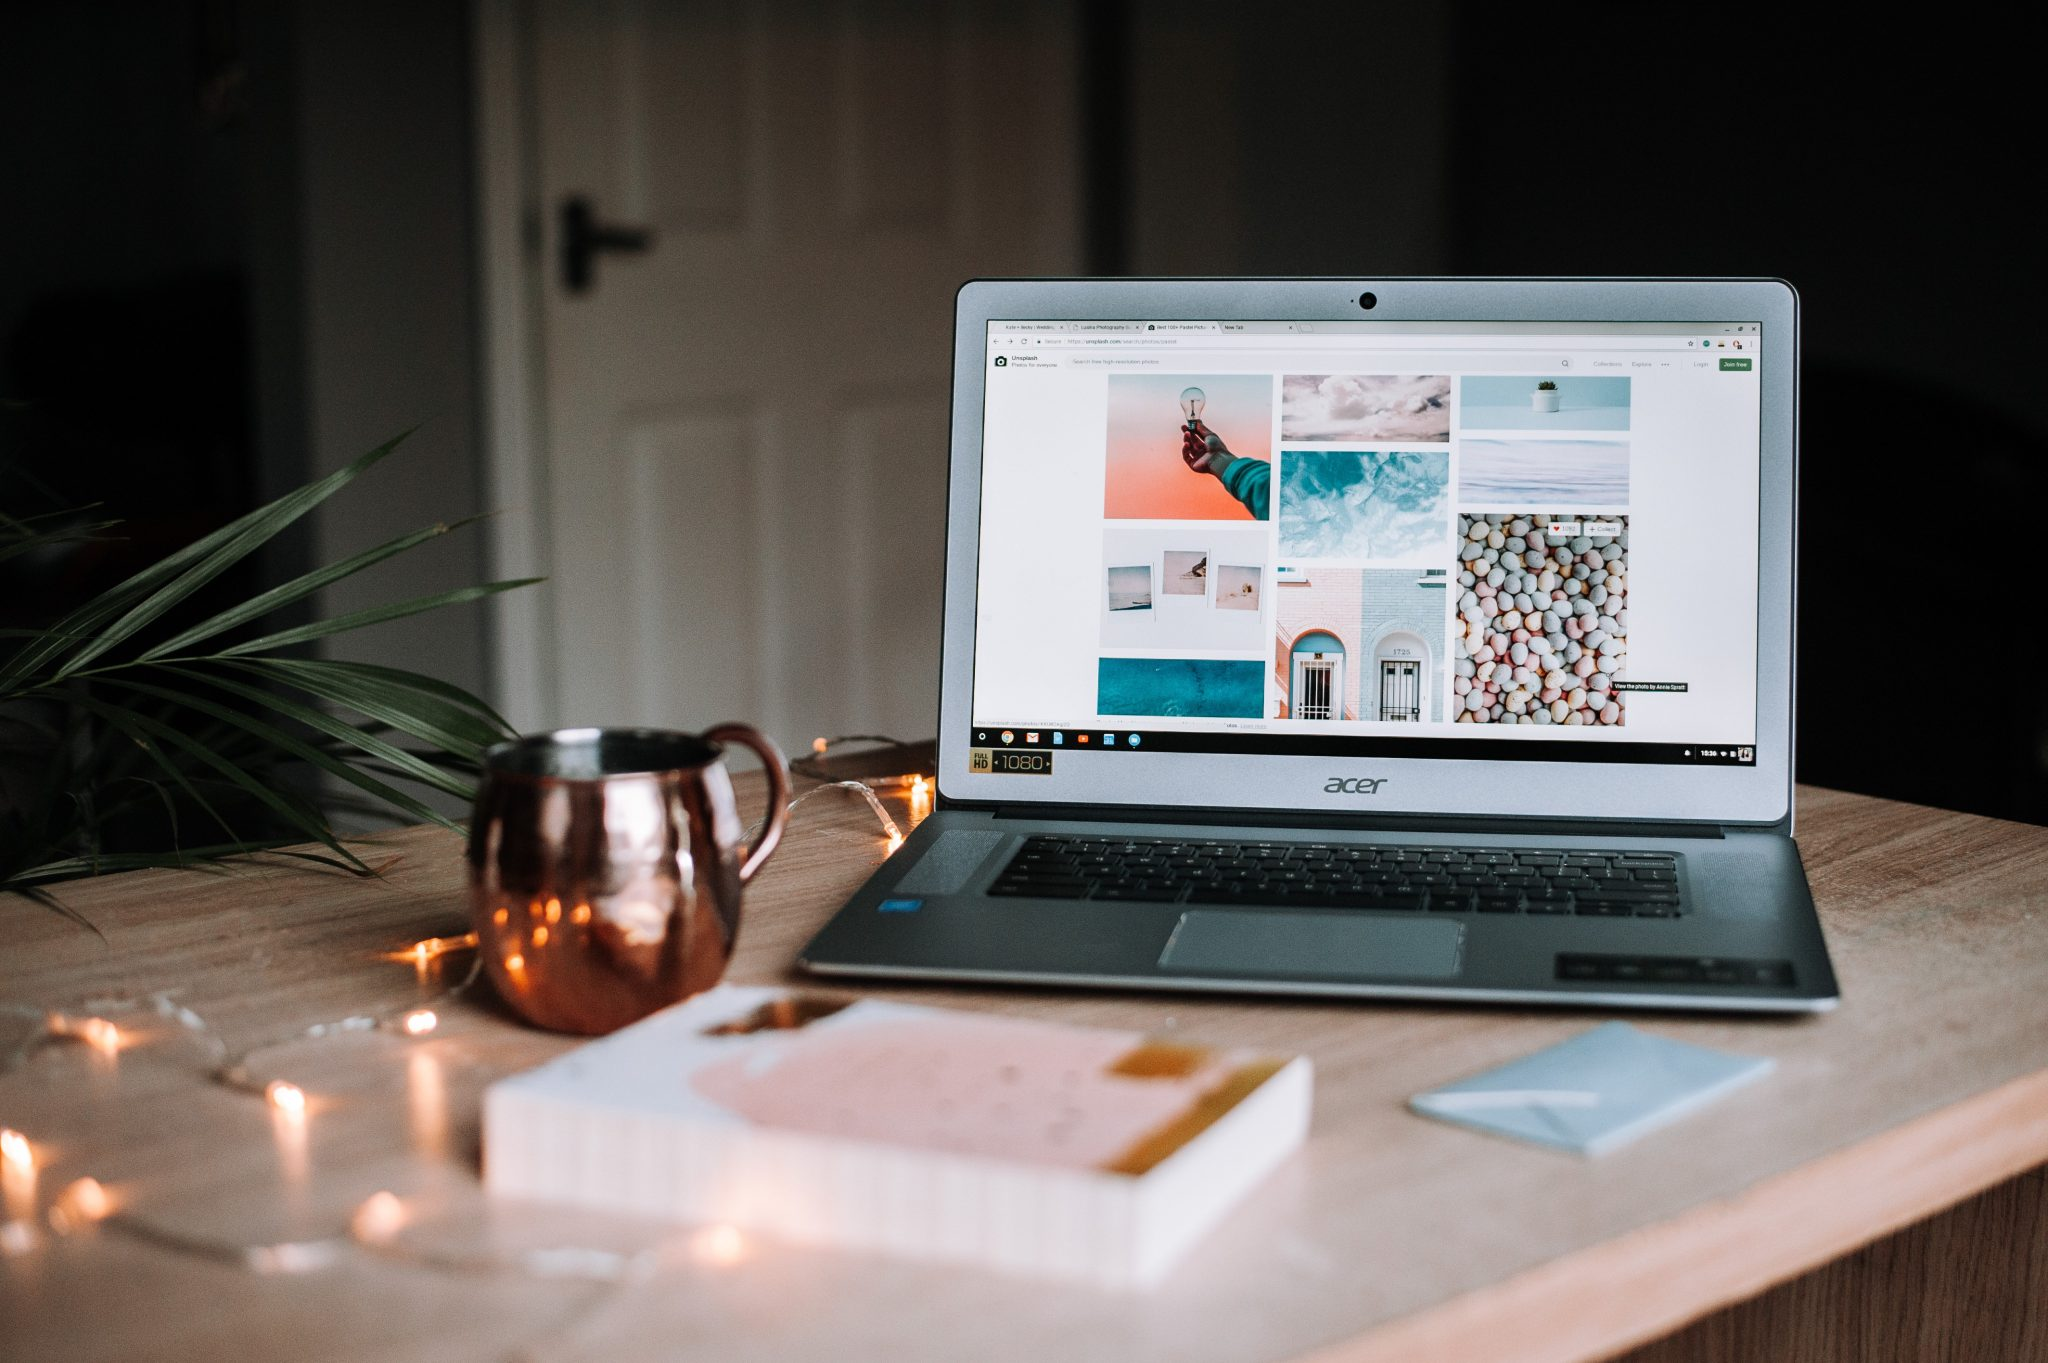 【インスタグラム】ブログとの違いは?使い分けと連動の方法を解説!